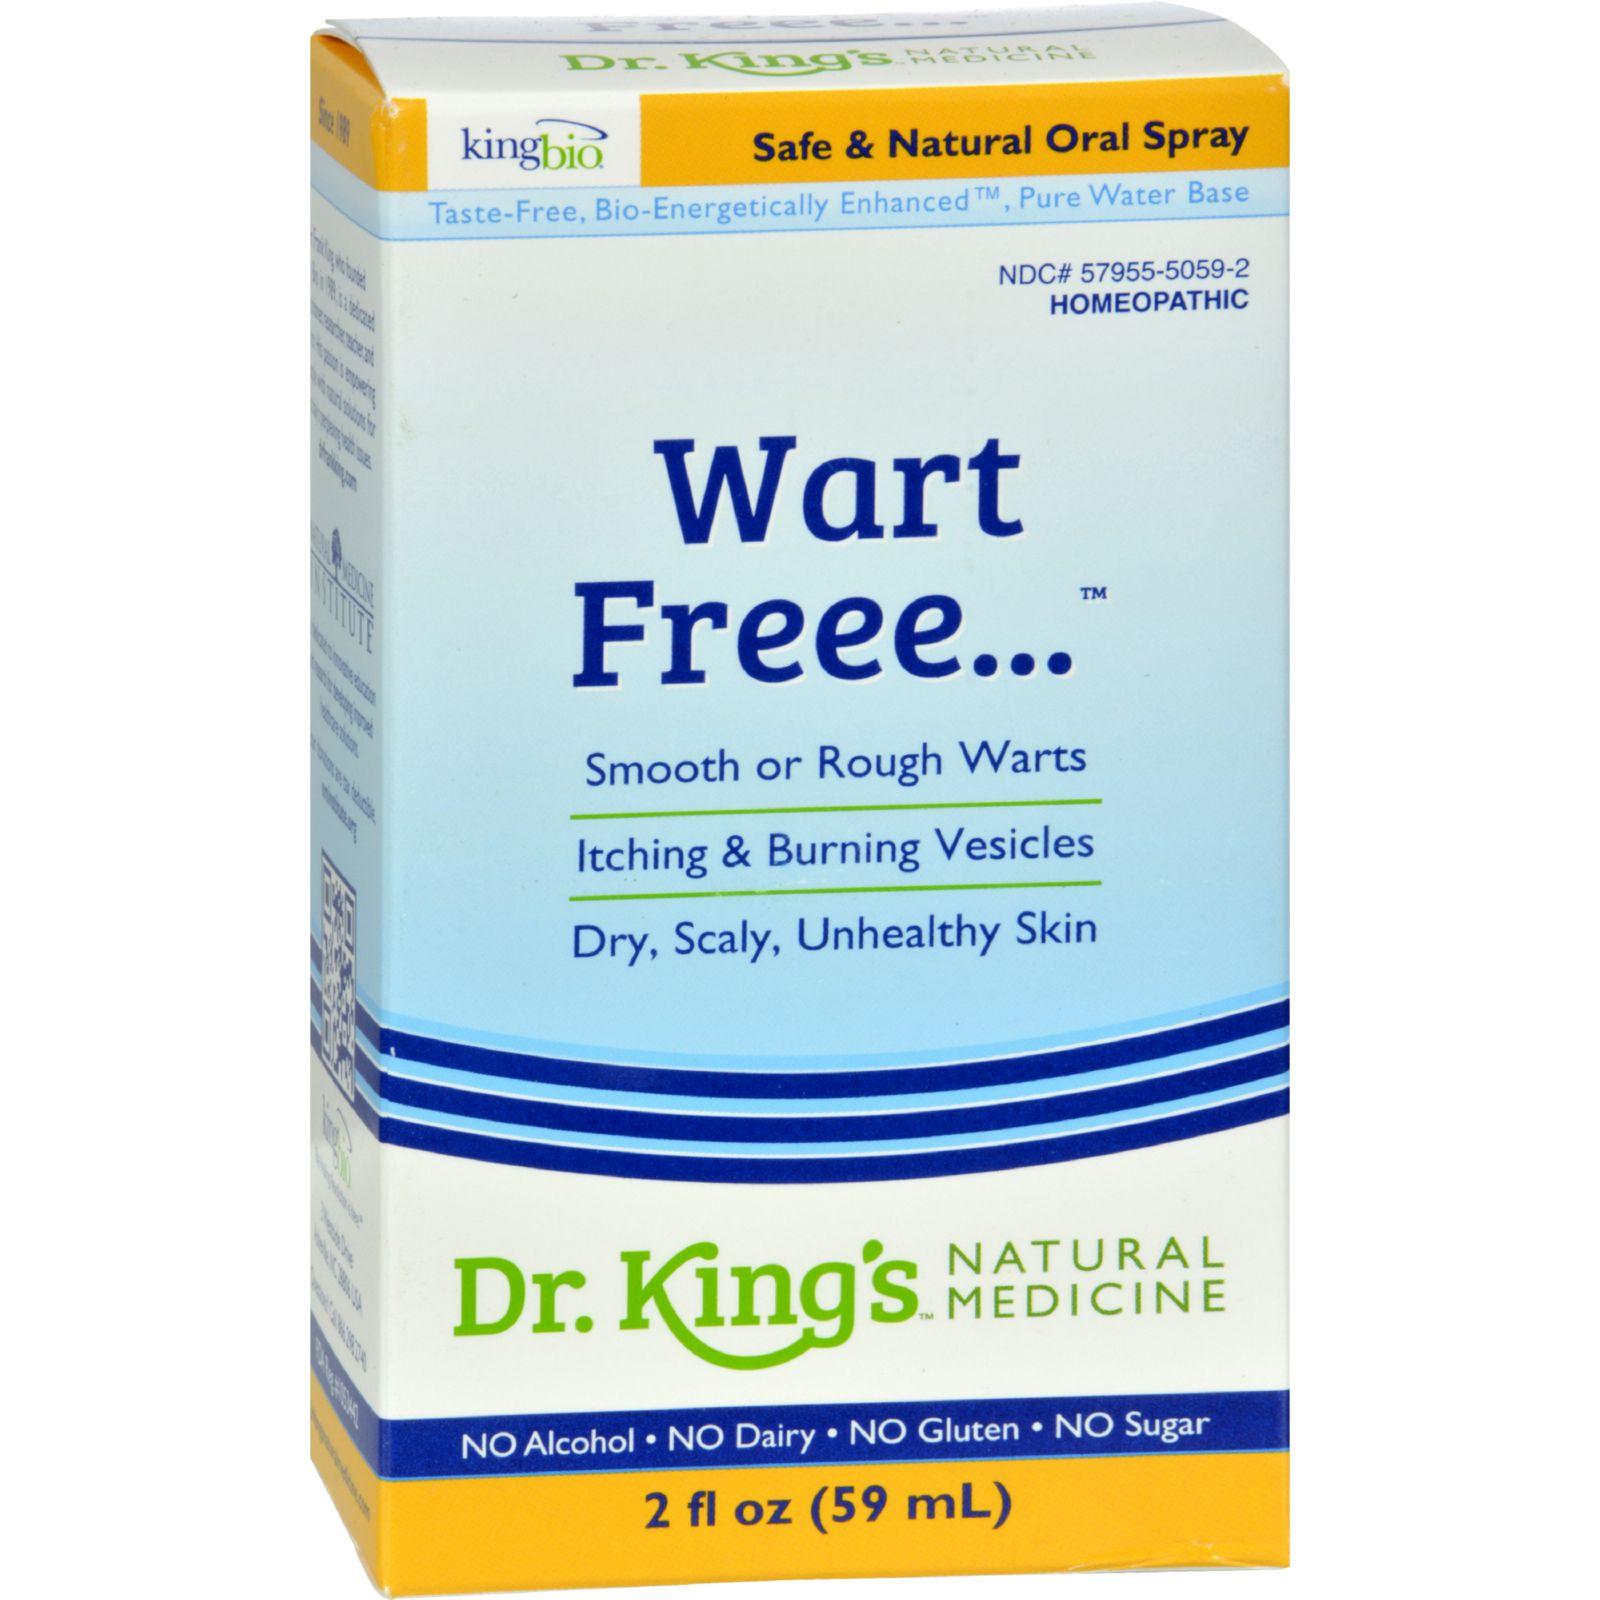 King Bio Homeopathic Wart Free - 2 Fl Oz